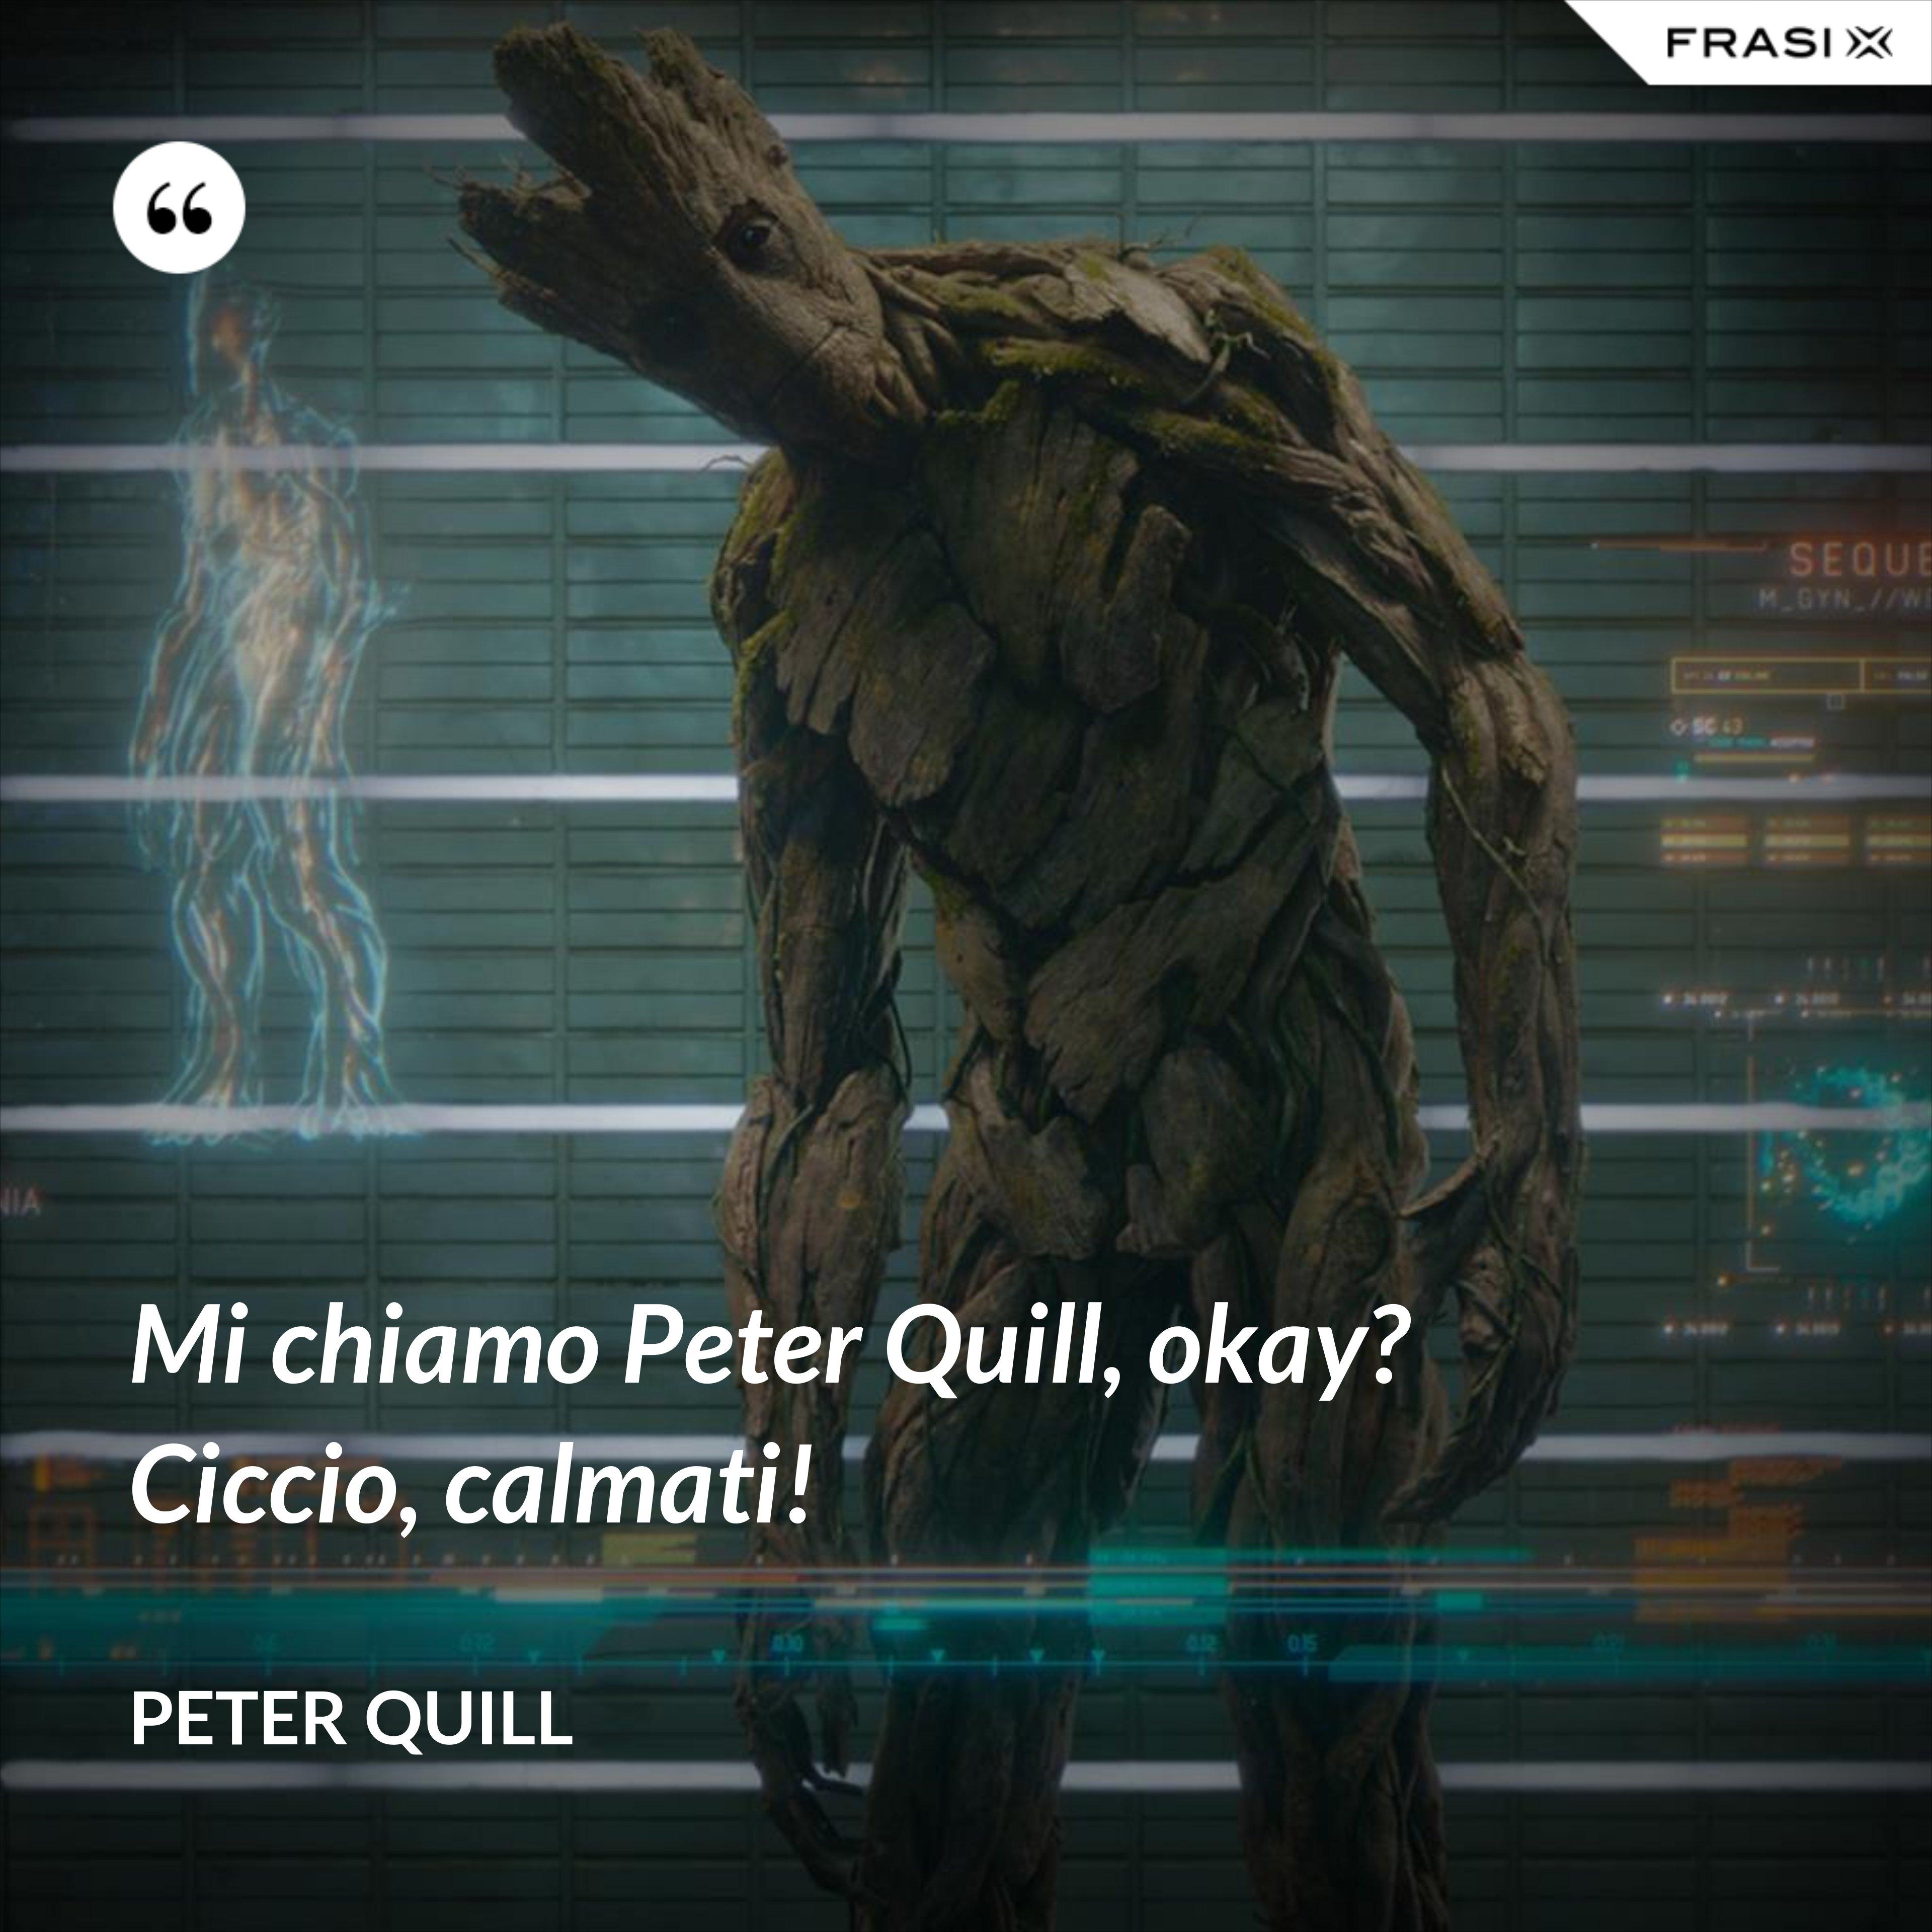 Mi chiamo Peter Quill, okay? Ciccio, calmati! - Peter Quill